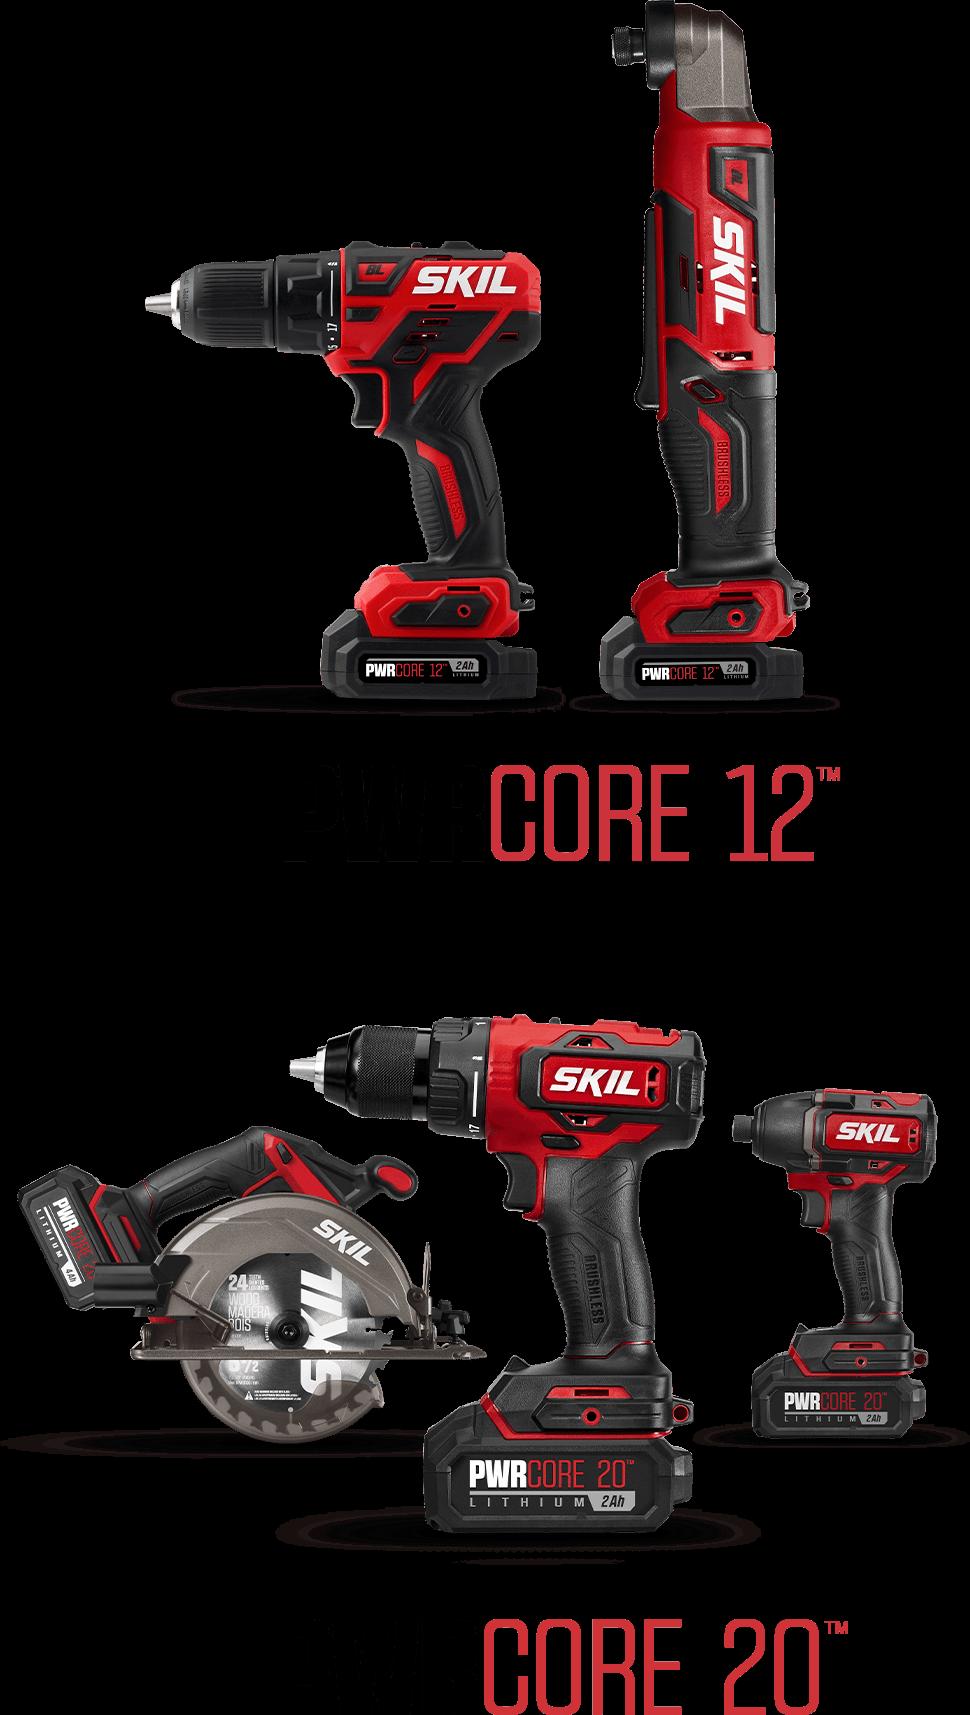 PWRCORE 12™ and PWRCORE 20™ Tools